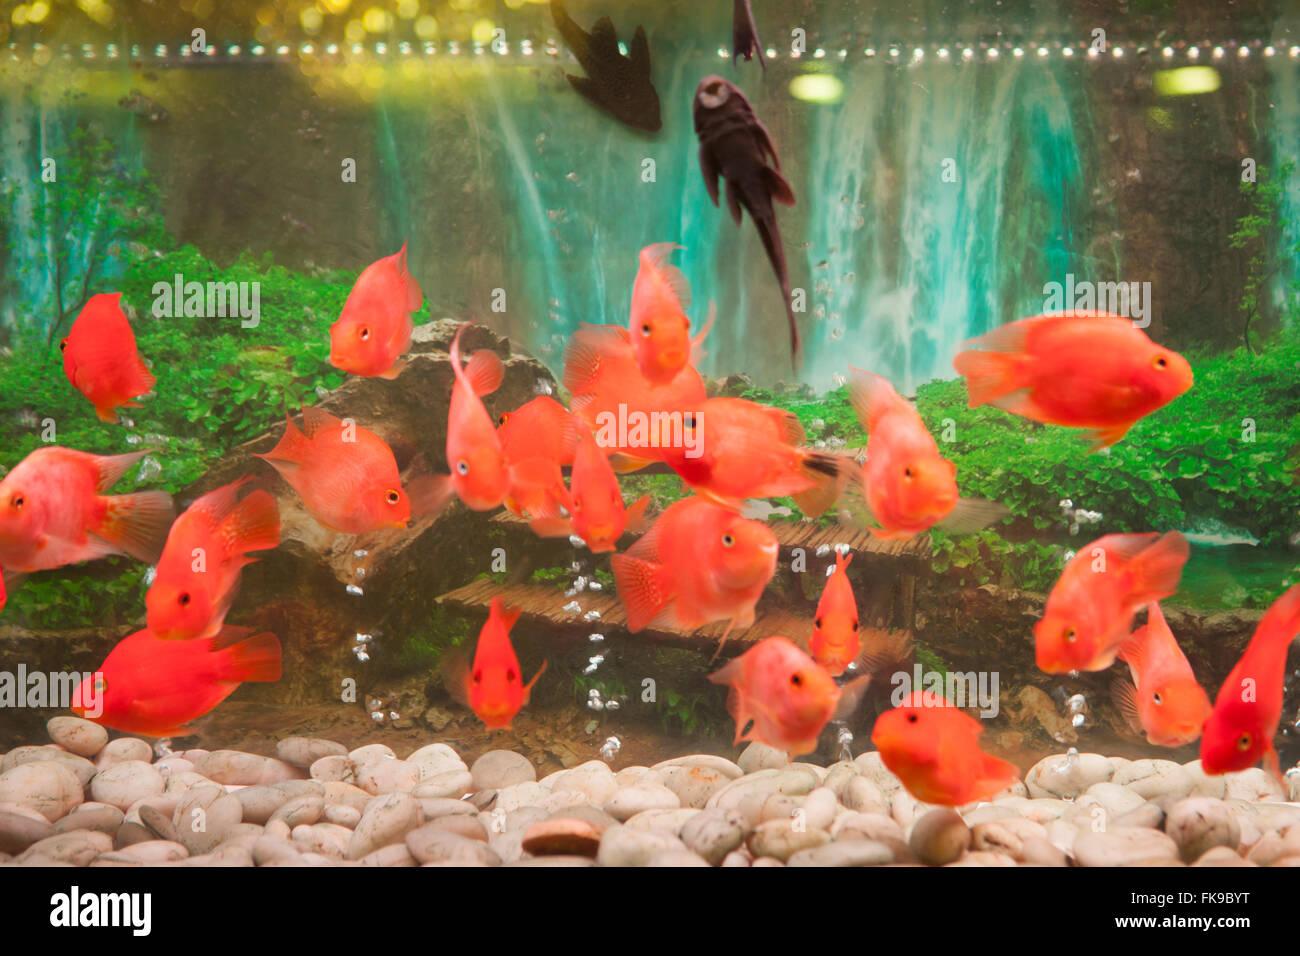 Fish Tank Stock Photos & Fish Tank Stock Images - Alamy